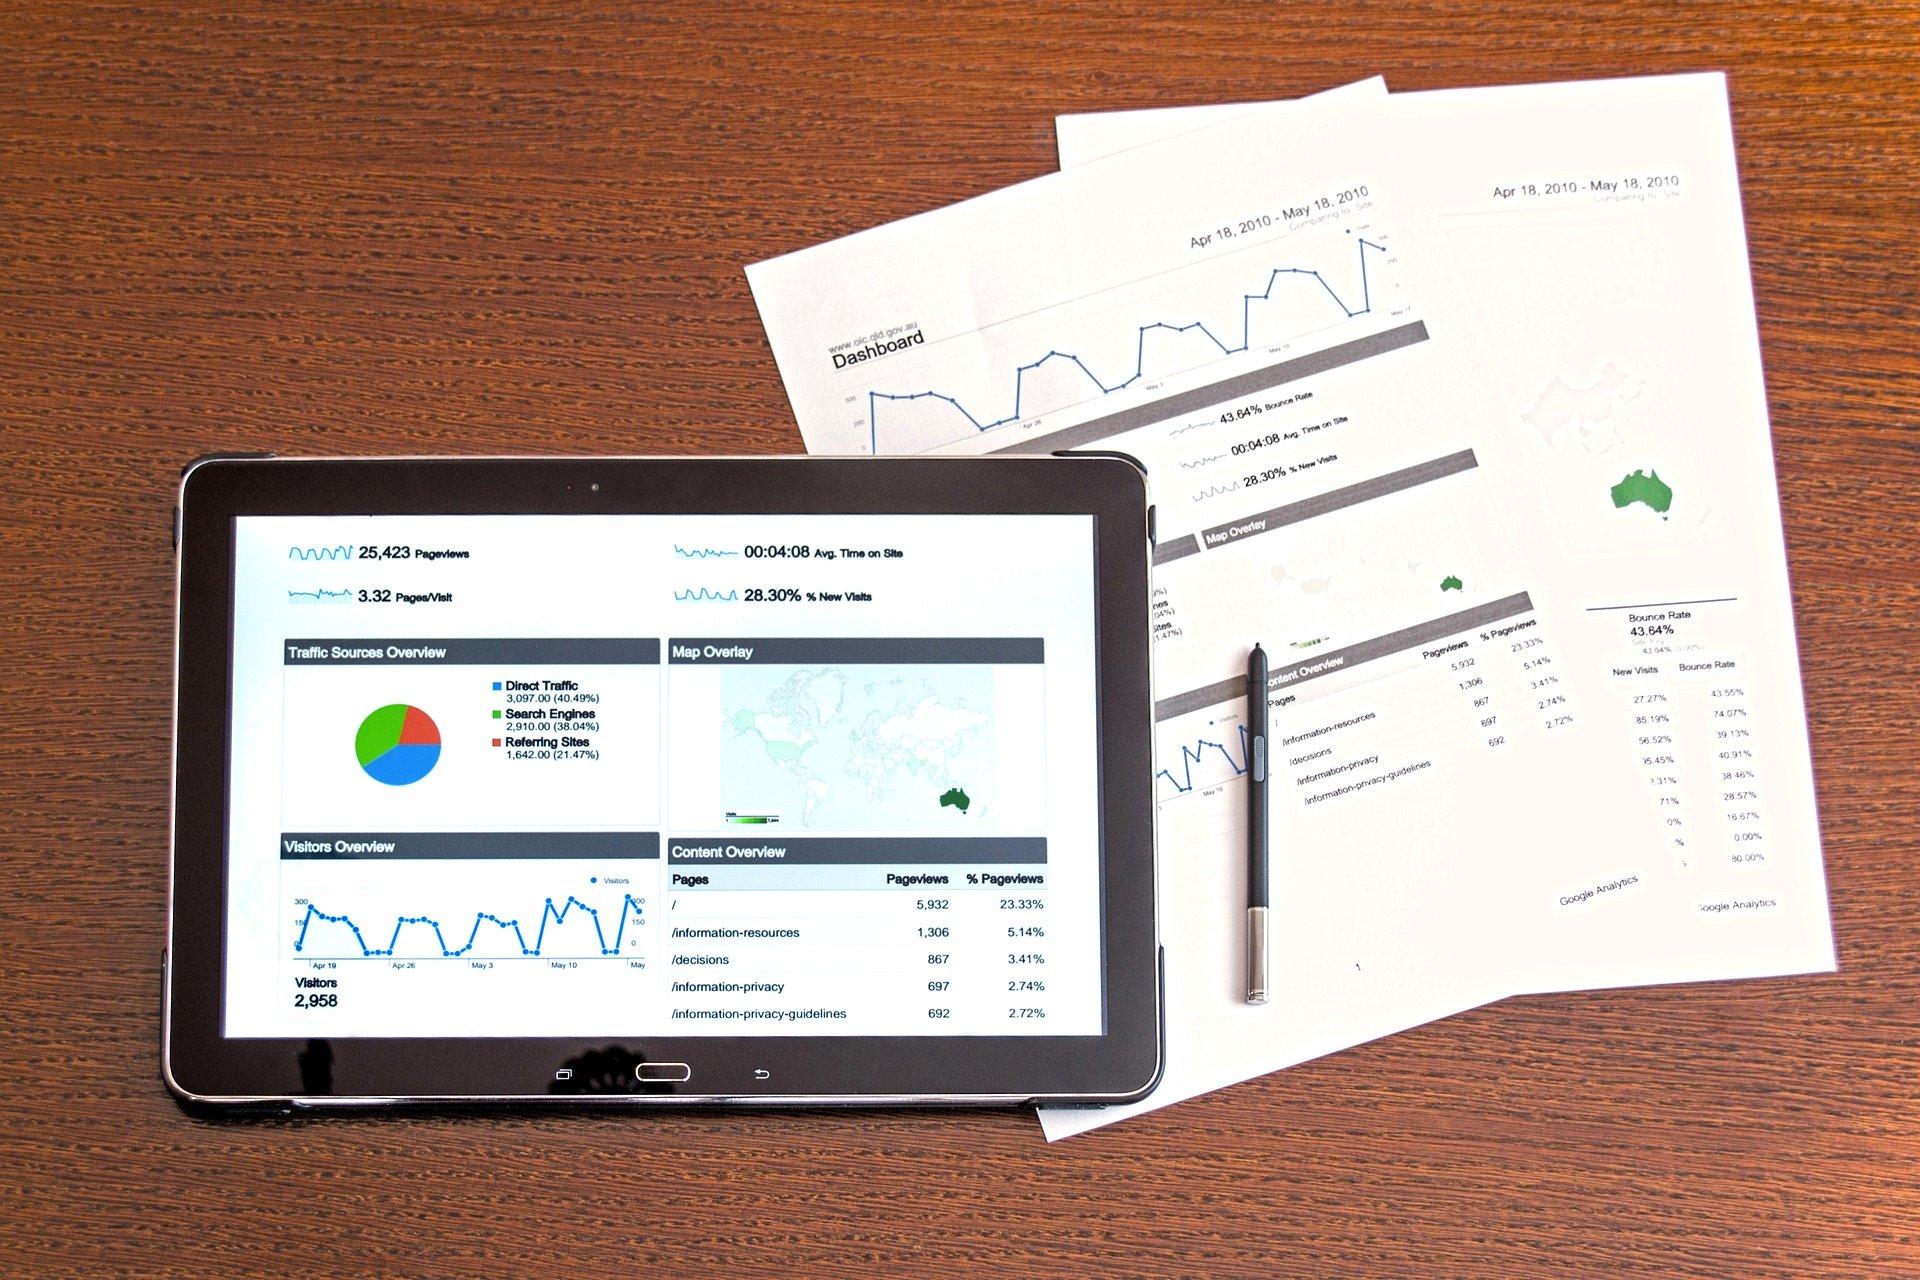 In dem Bild sind Werkzeuge und Dokumente zur Analyse von Kennzahlen abgebildet.